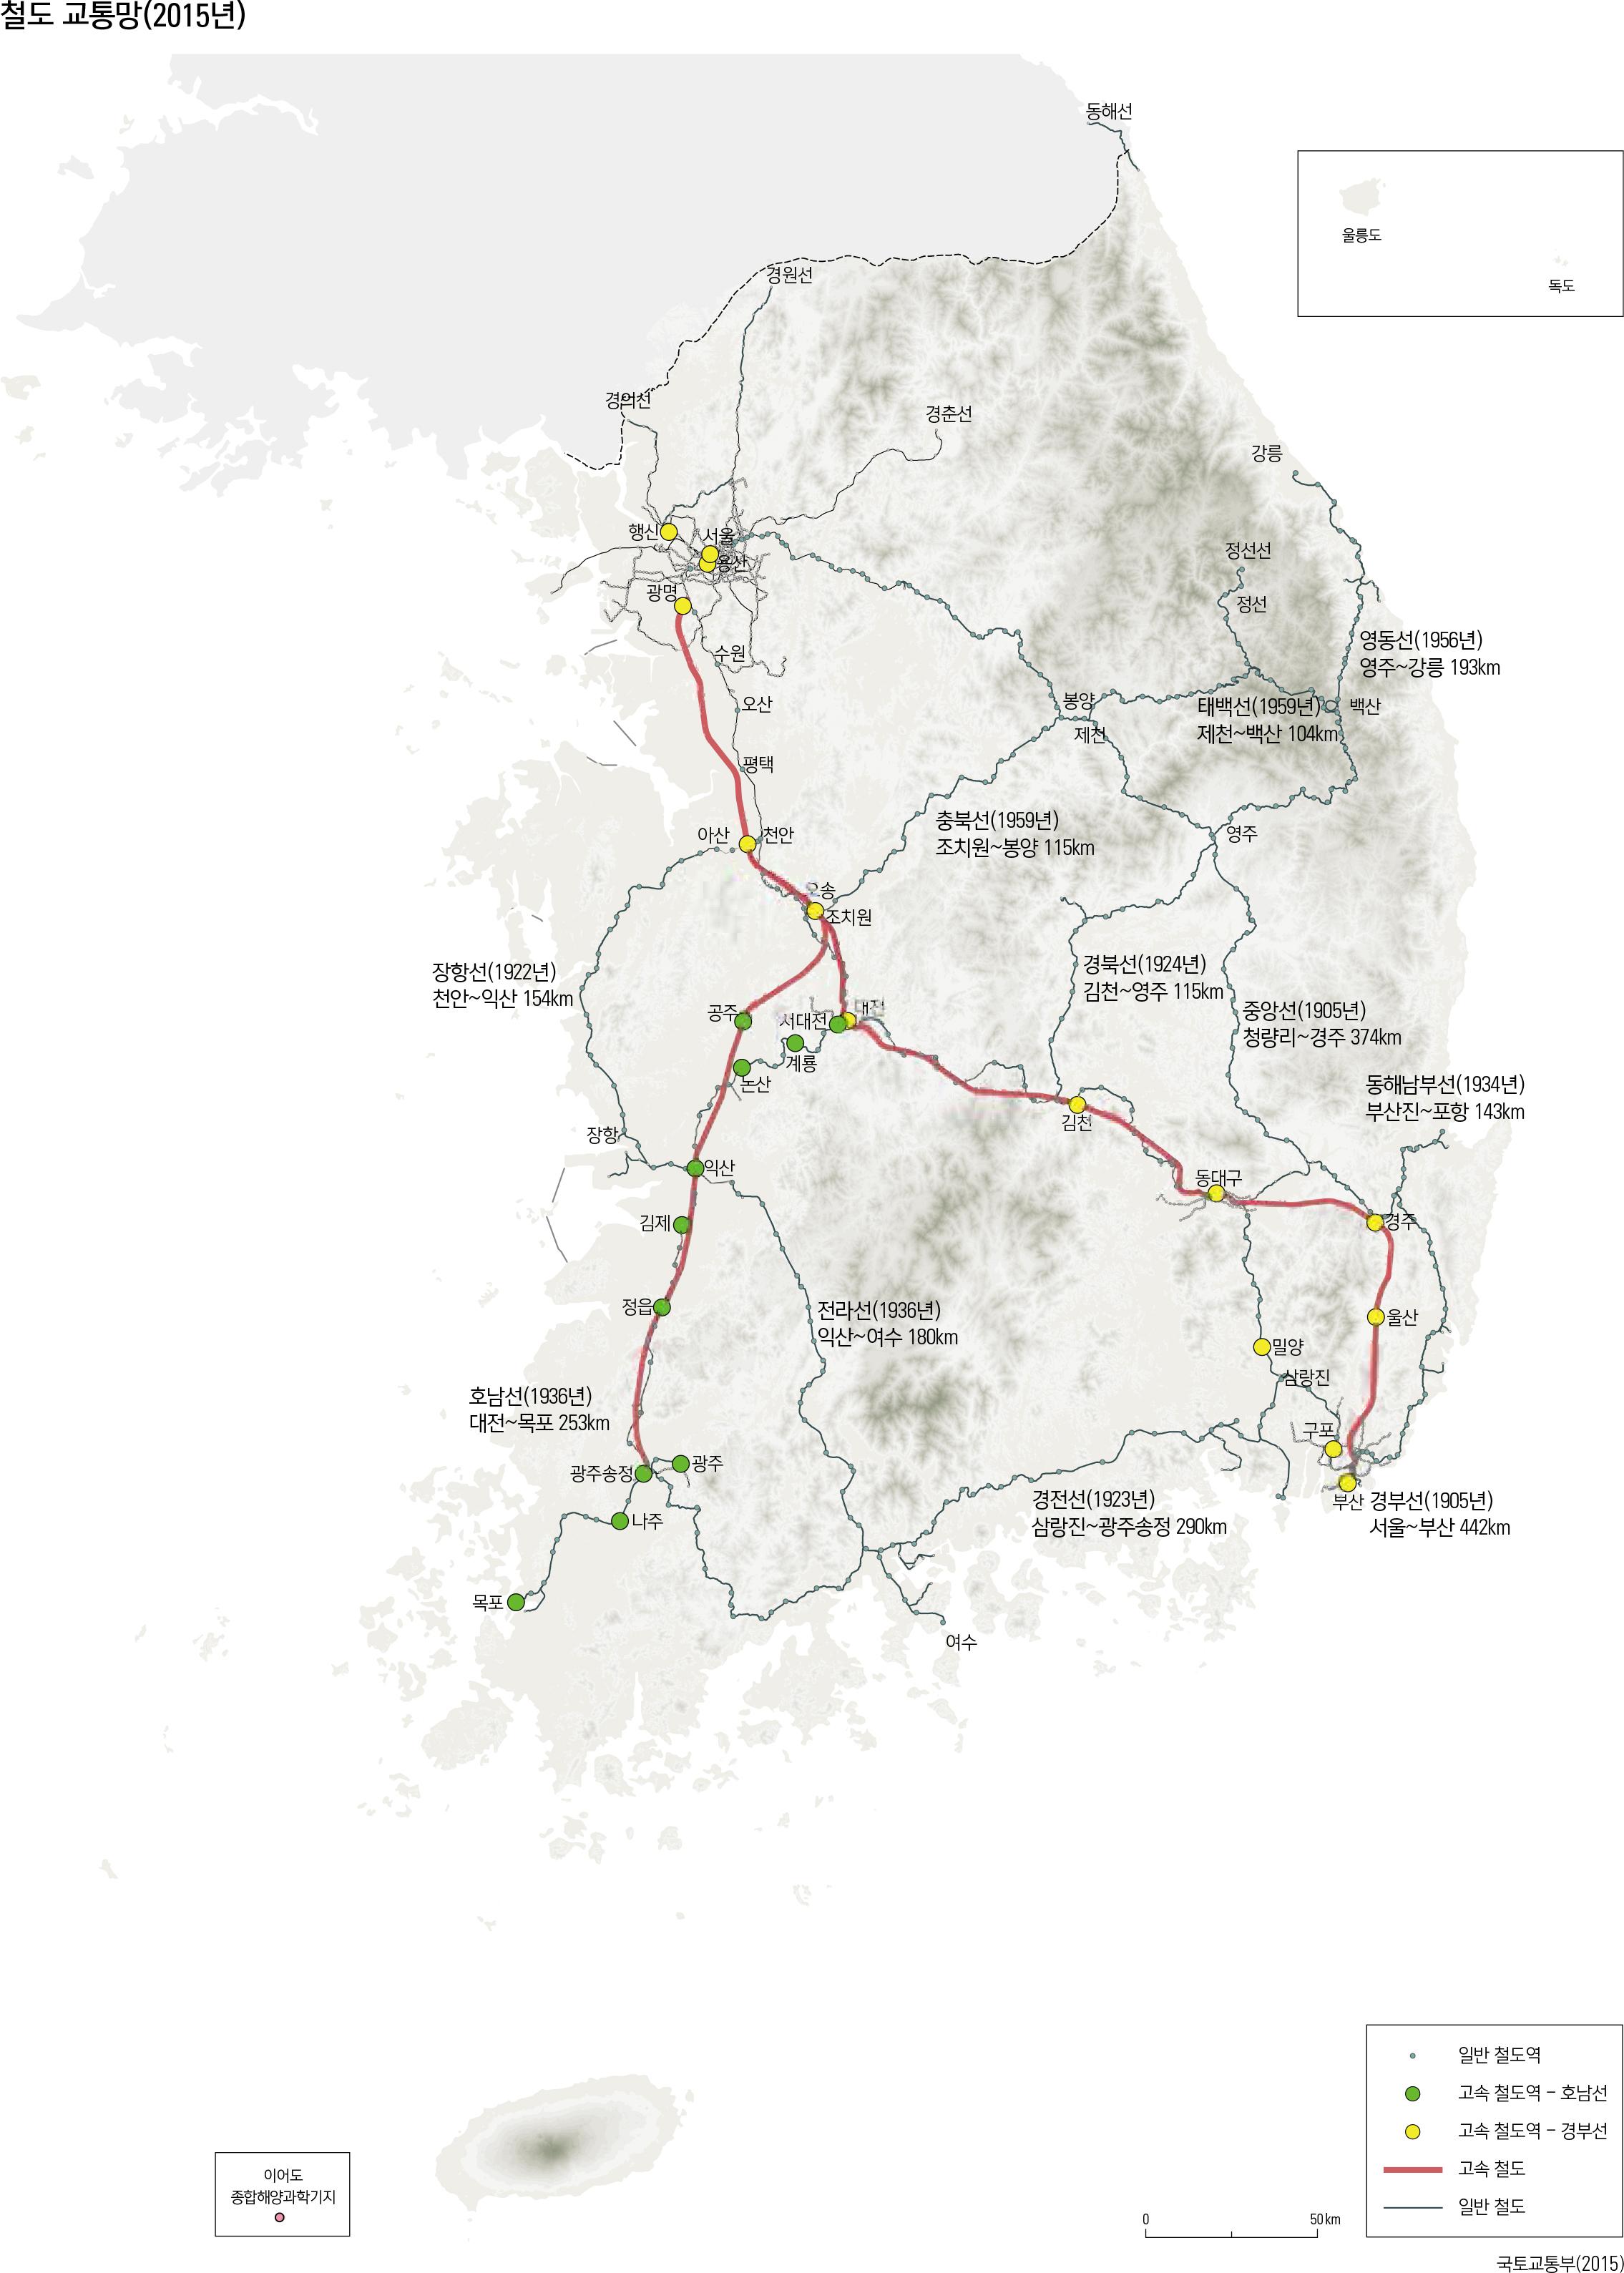 철도 교통망(2015년)